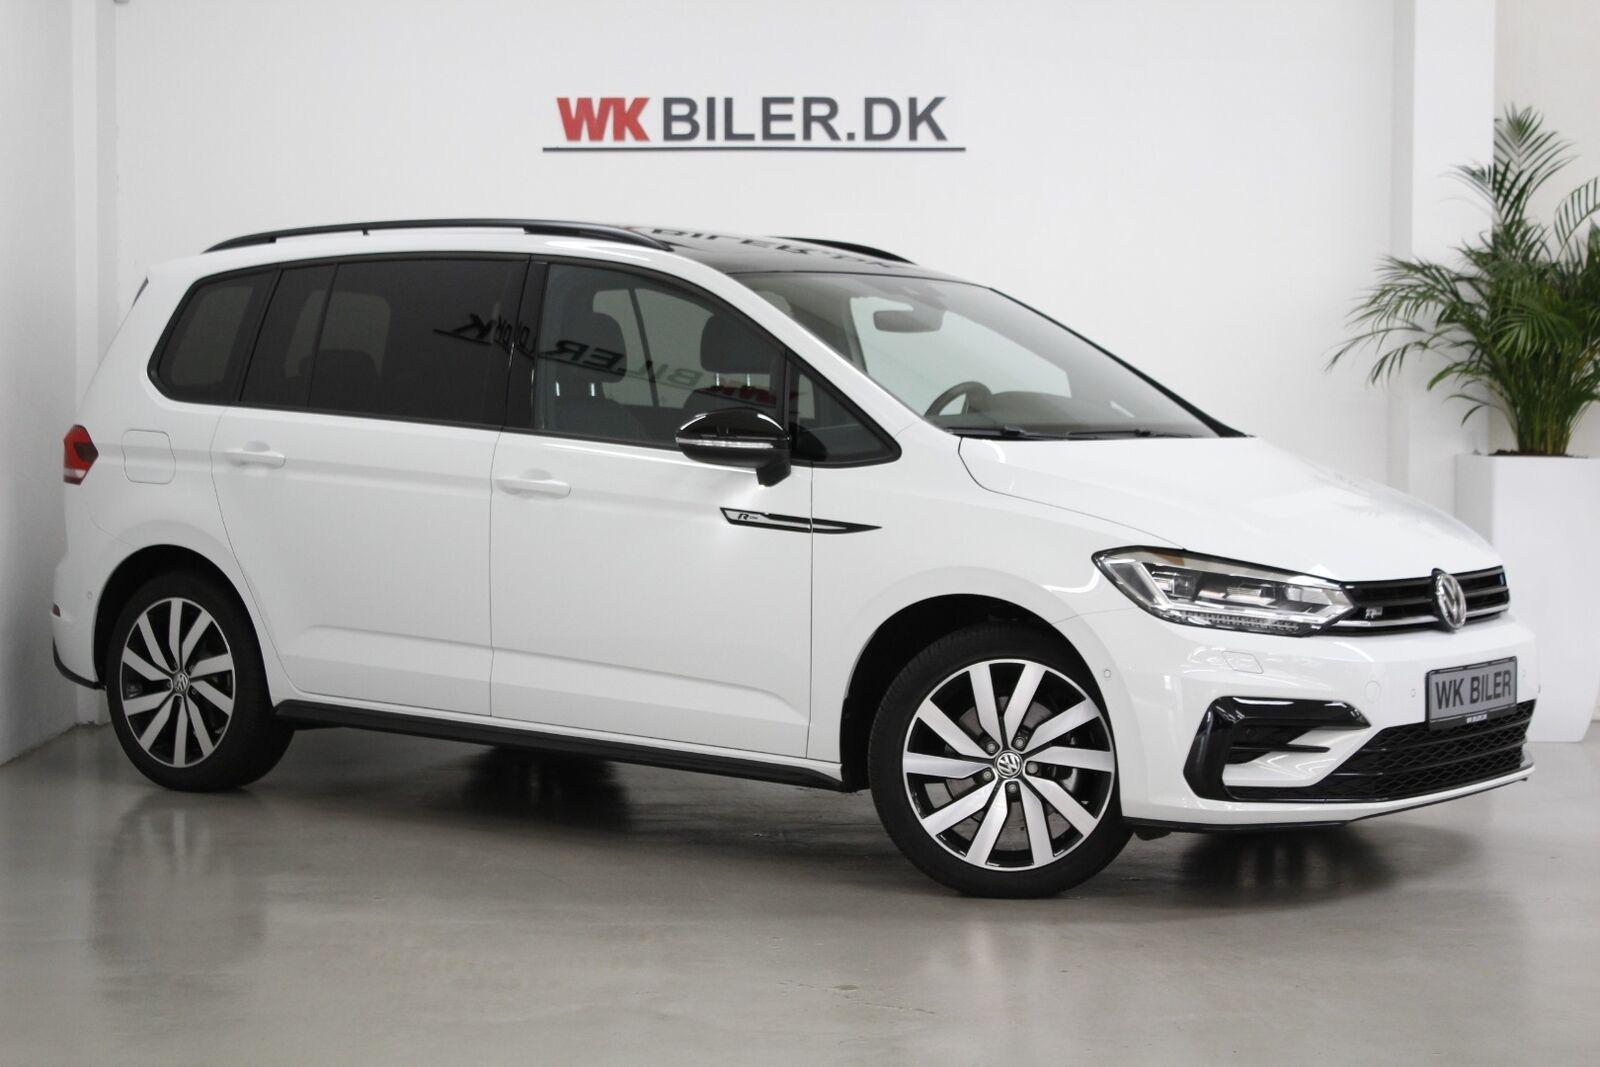 VW Touran 1,8 TSi 180 R-line DSG 7prs 5d - 2.489 kr.